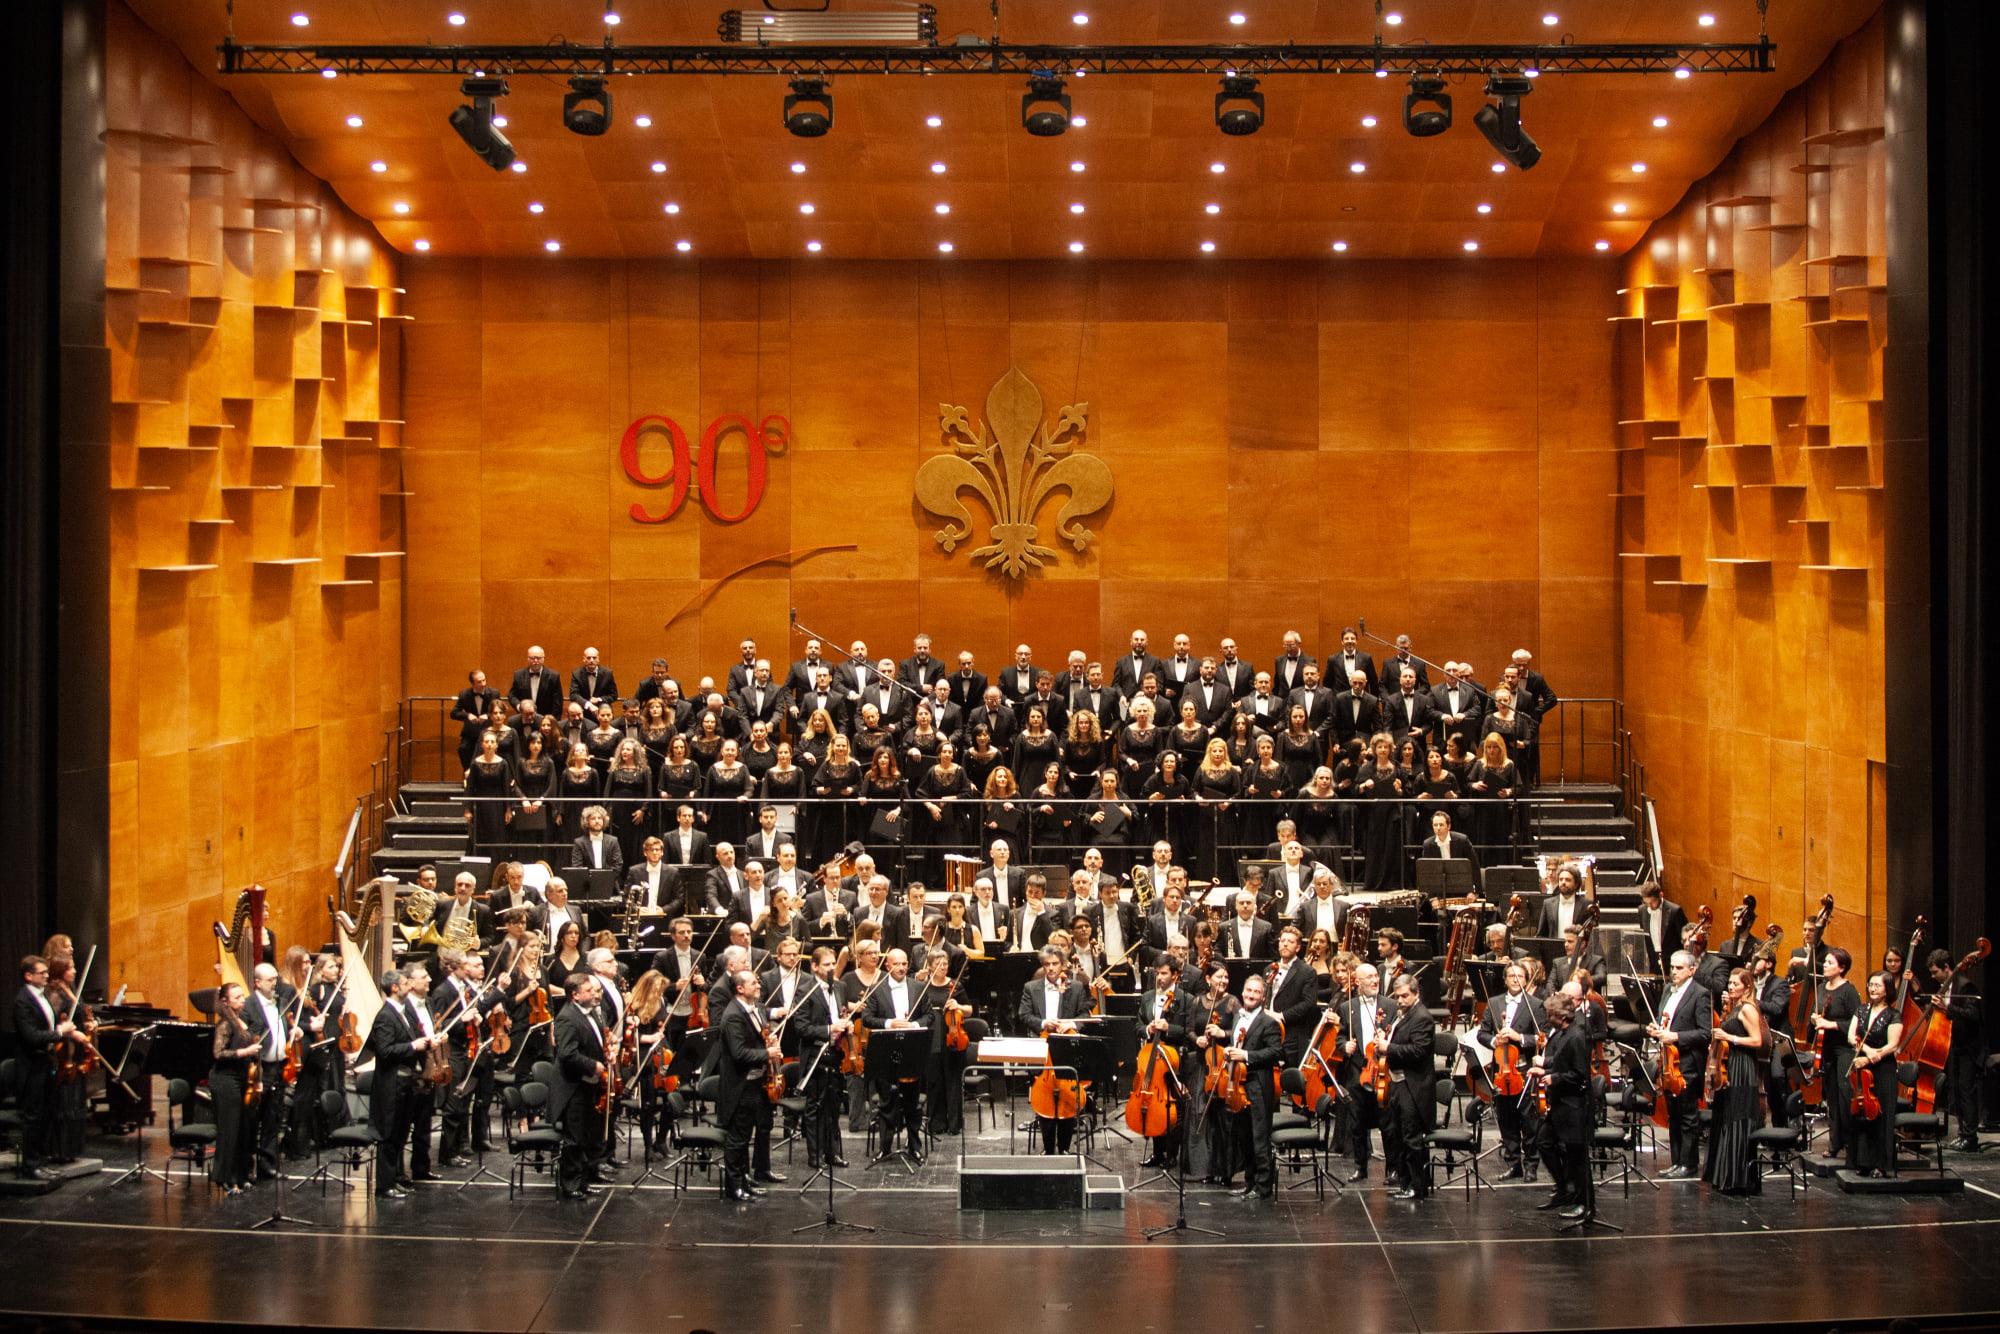 immagine progetto 'SINFONIA N. 9 IN RE MINORE PER SOLI, CORO E ORCHESTRA OP.125  FONDAZIONE TEATRO DEL MAGGIO MUSICALE FIORENTINO'